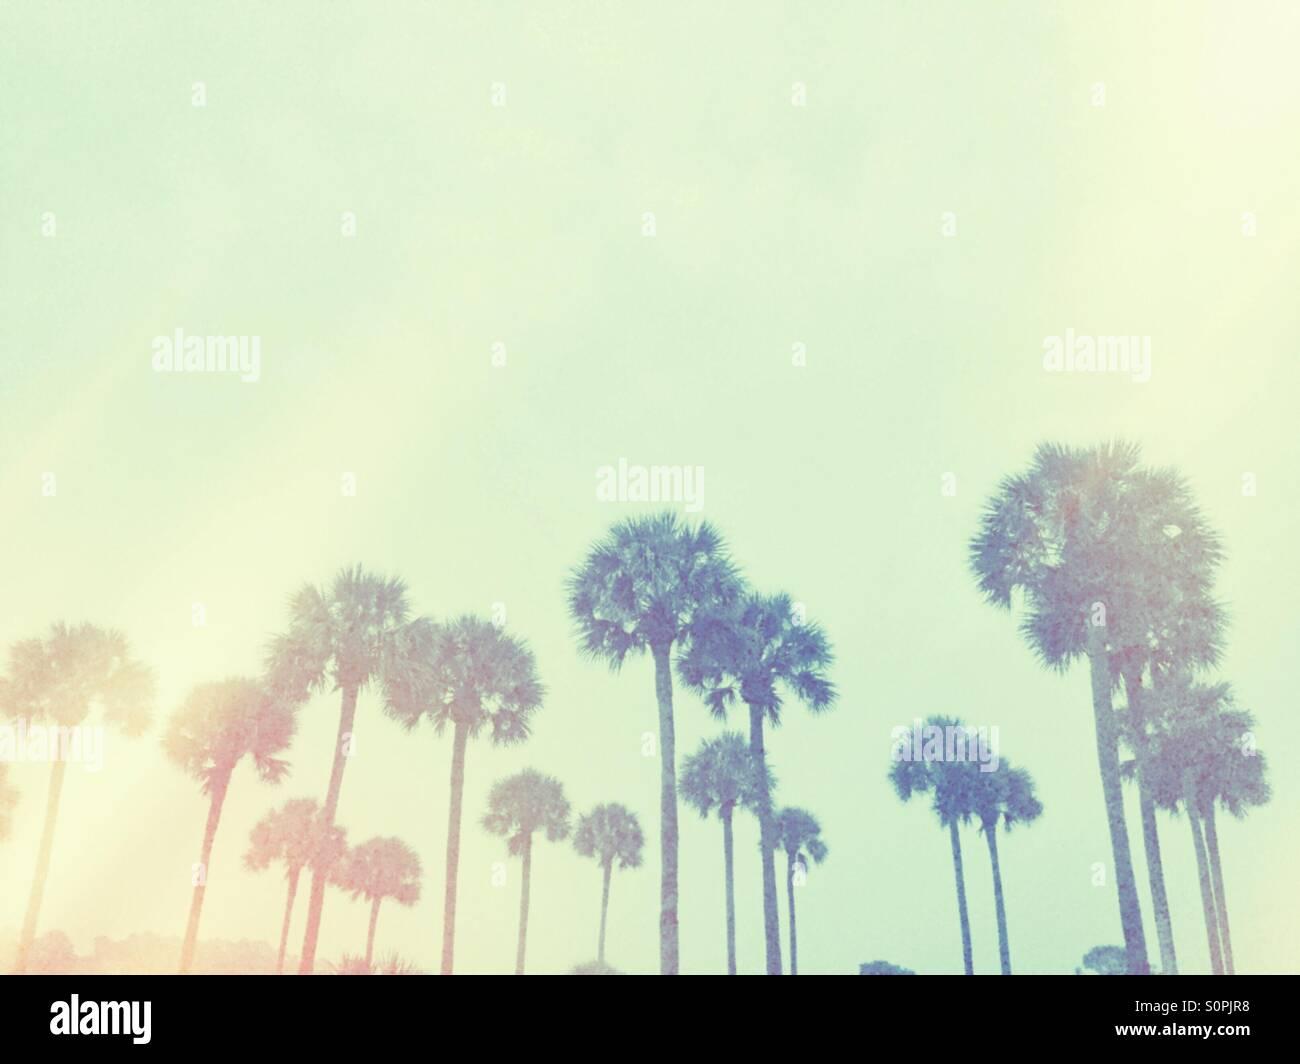 Ausrichten von Palmeadow Bäumen vor einem grauen Himmel South Carolina. Stockbild